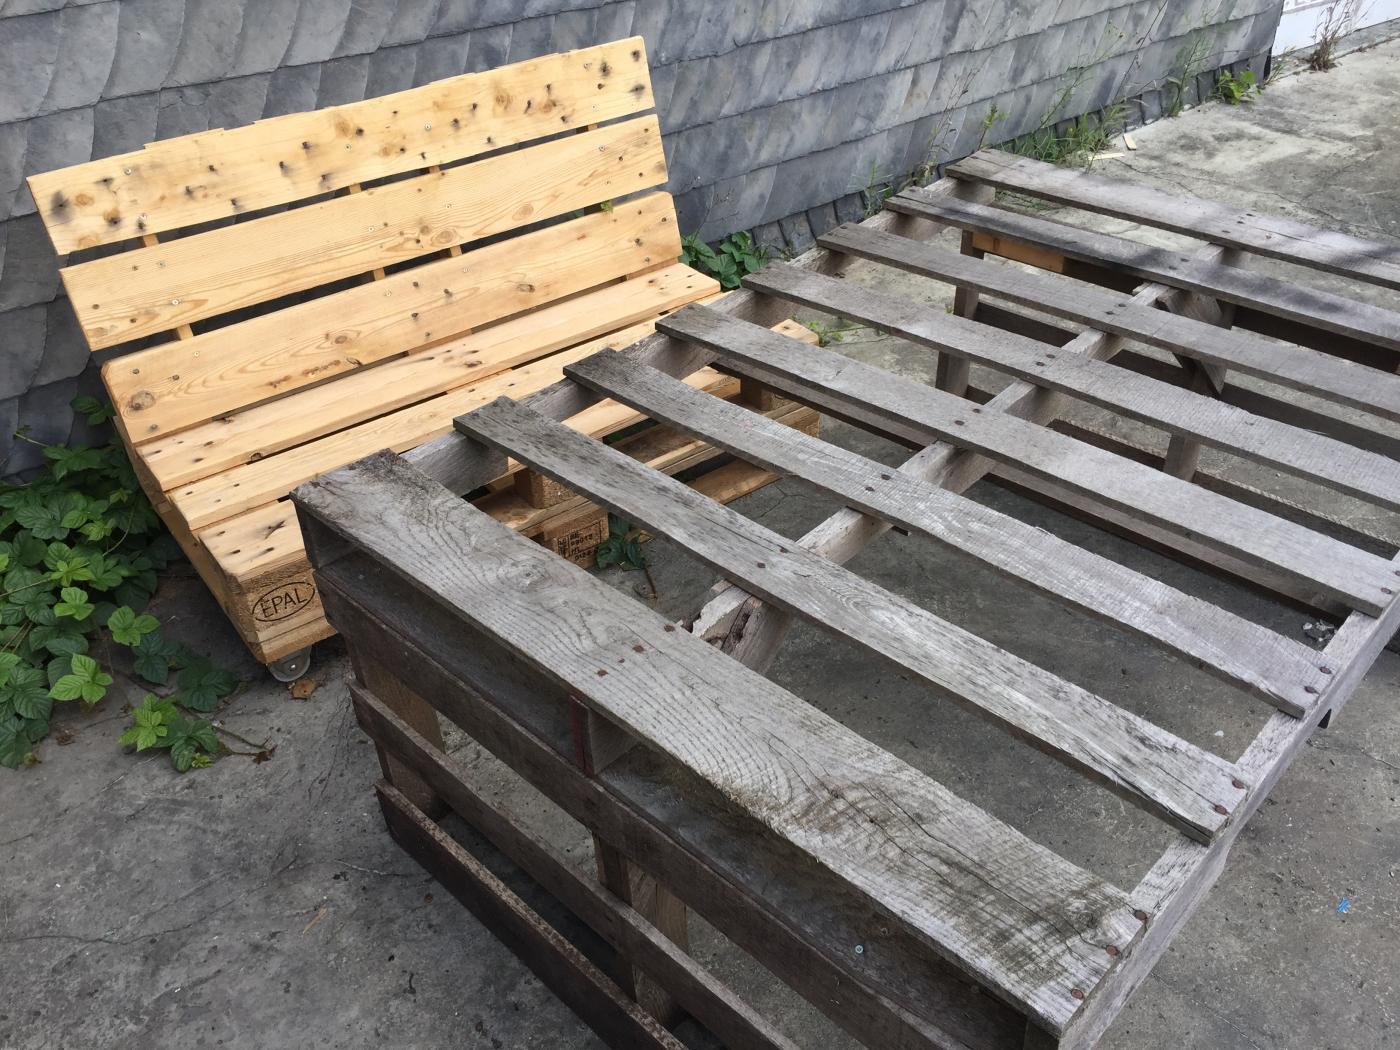 Full Size of Zaun Paletten Wetterfest Haltbarkeit Behandelt Regal Bett 140x200 Garten Aus Kaufen Regale Europaletten Wohnzimmer Zaun Paletten